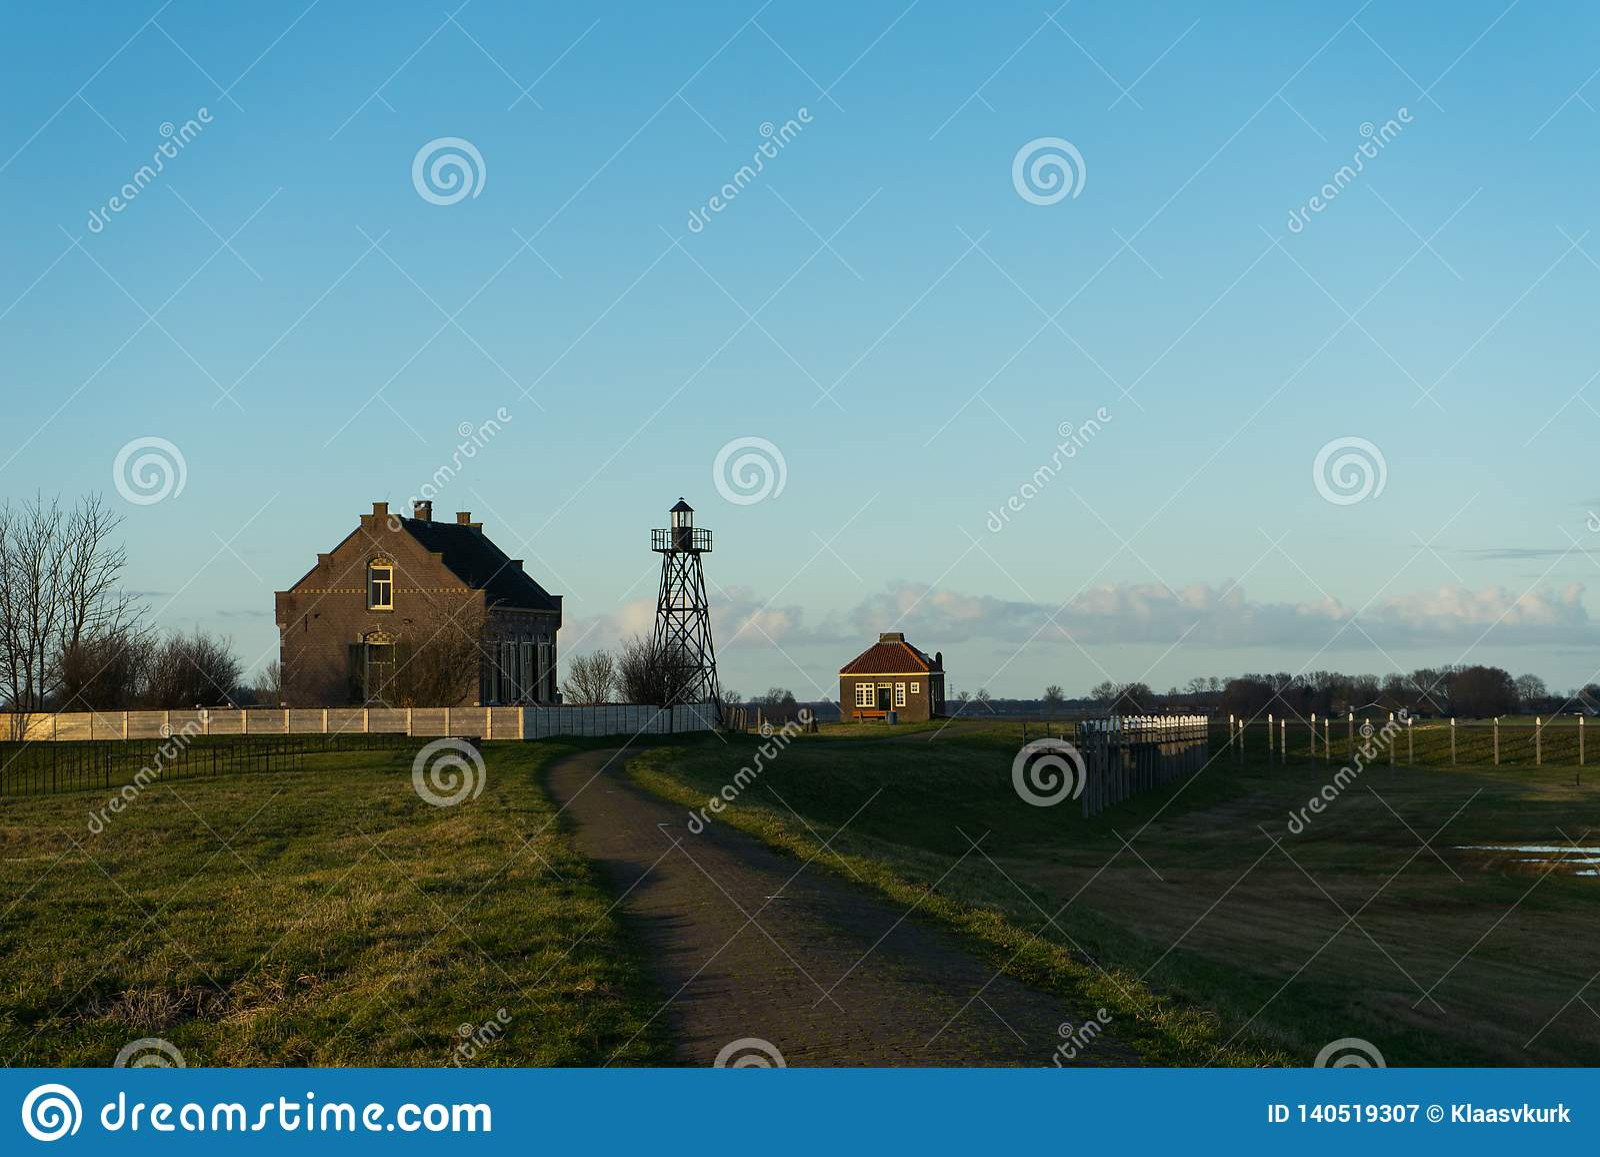 Nex da torre do farol do metal ao céu azul do trajeto principal do landhouse nenhumas nuvens Grama verde